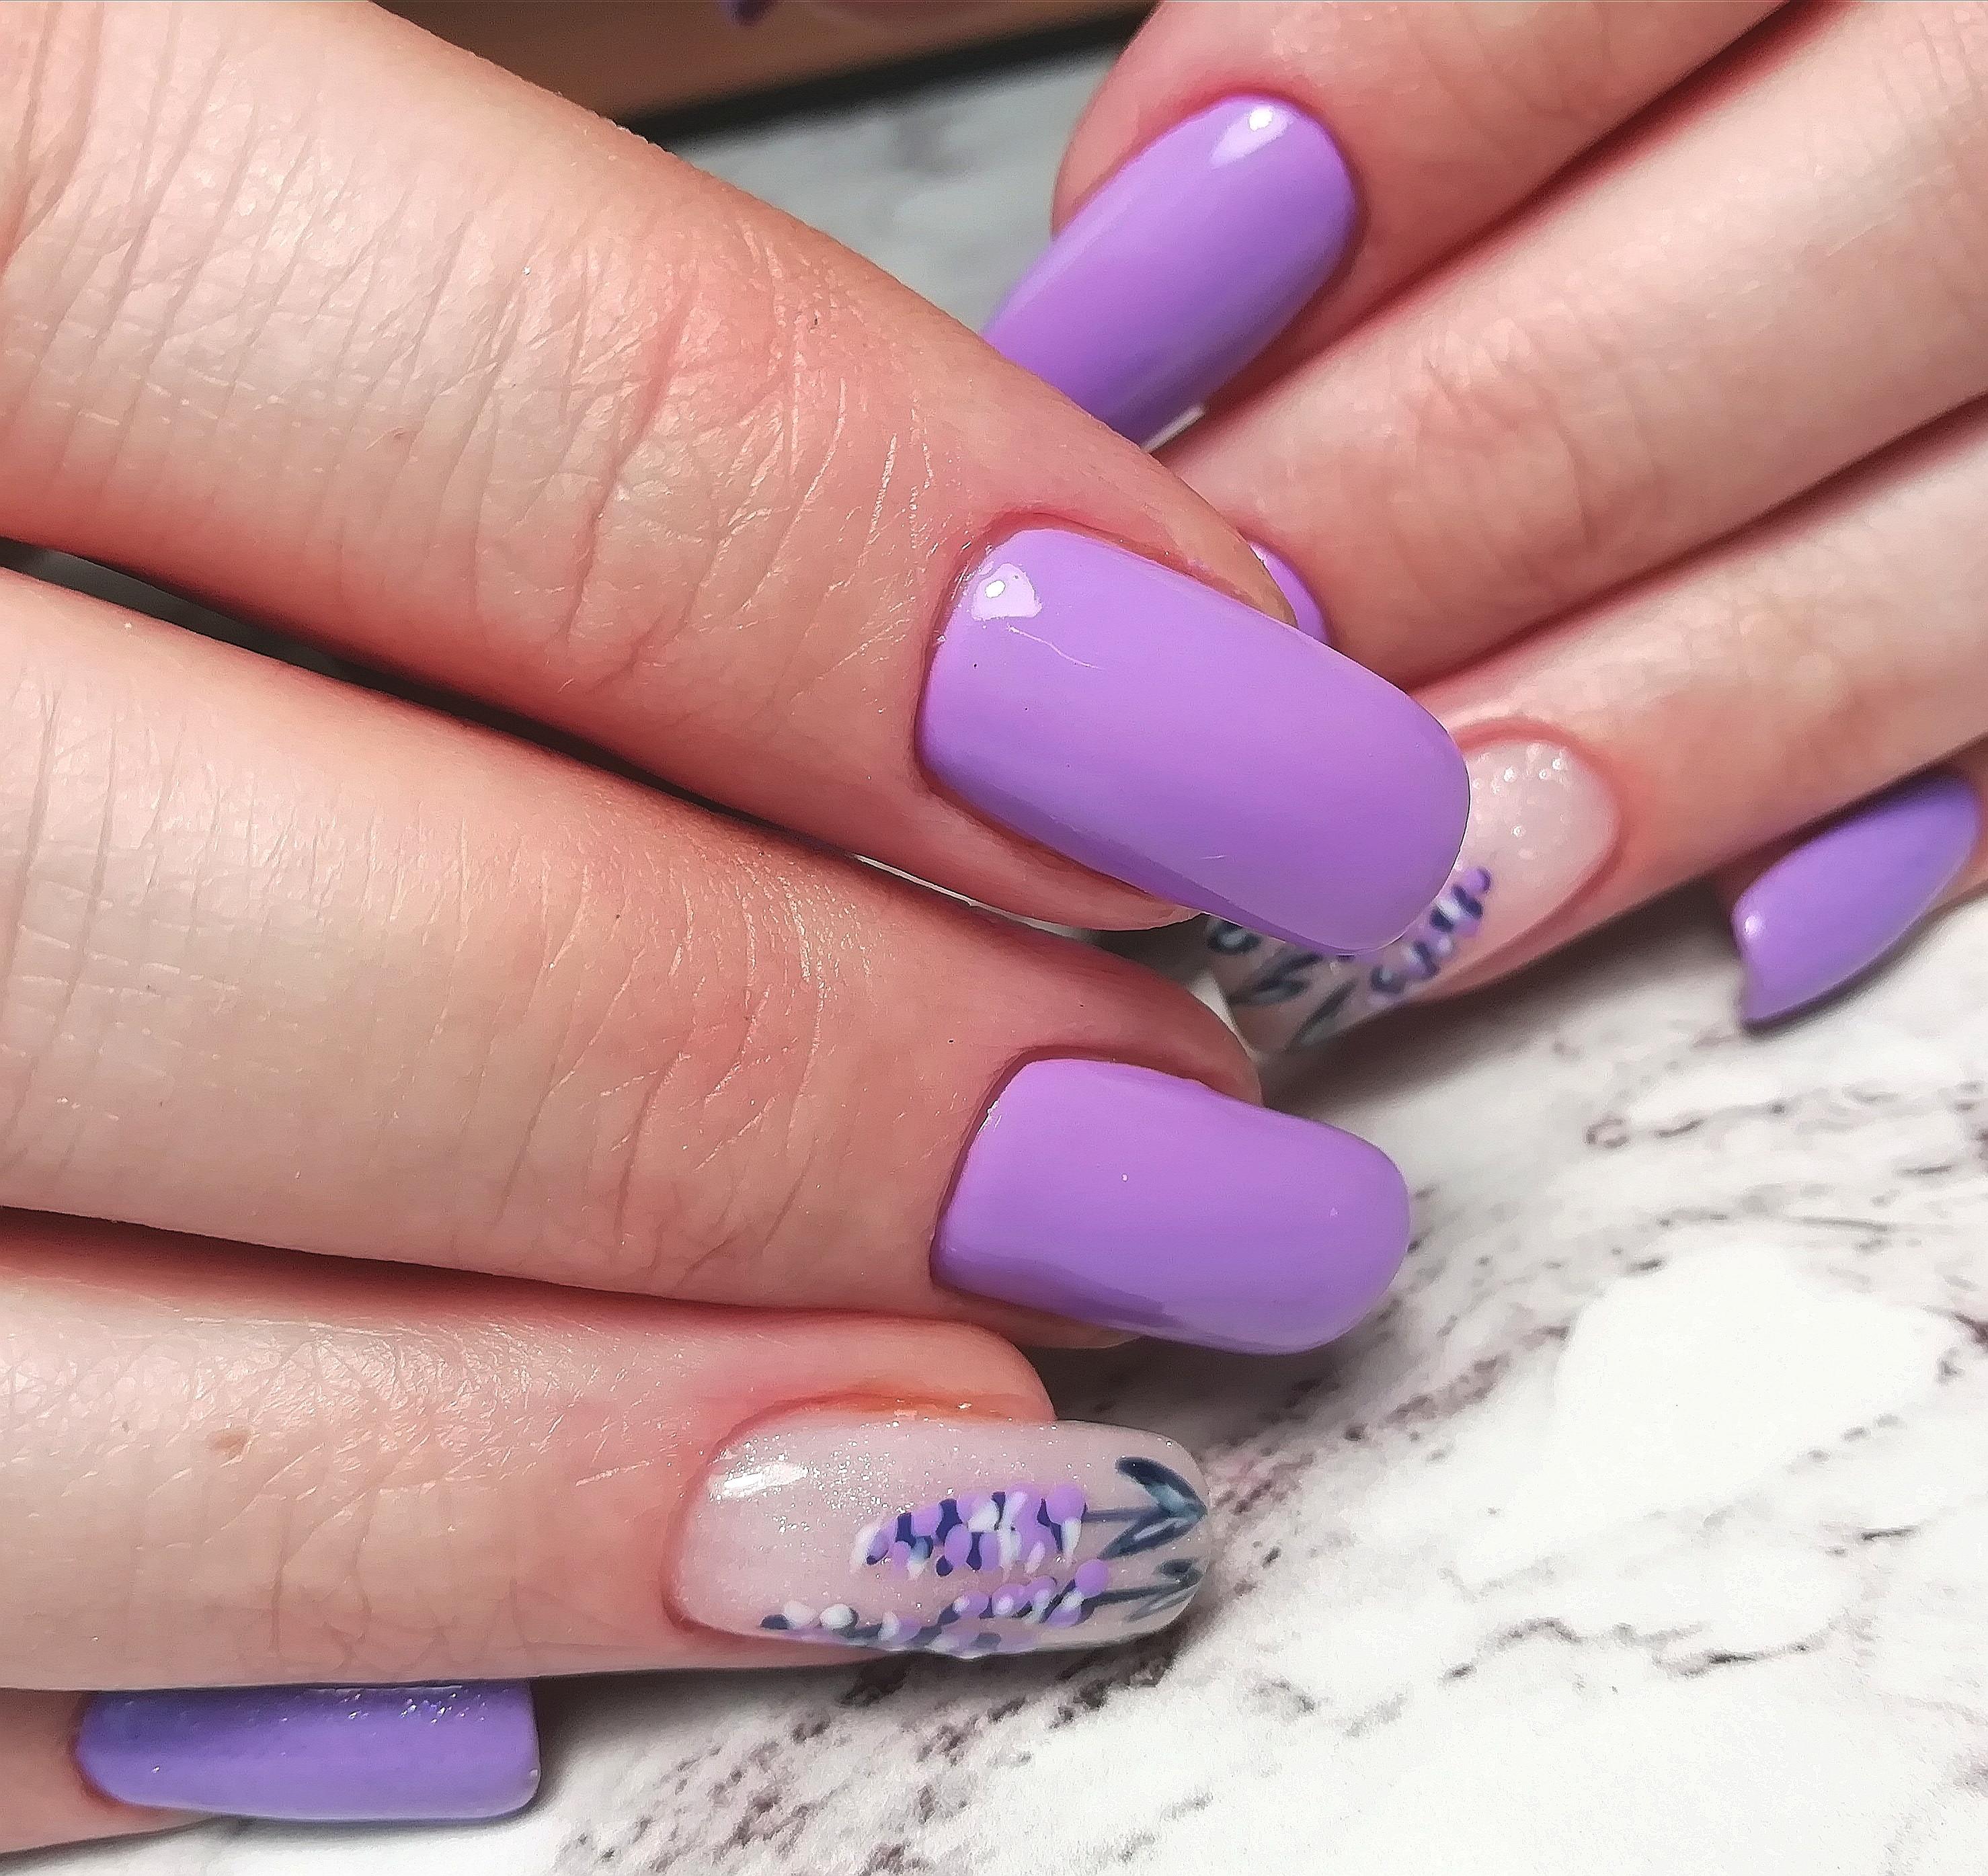 Маникюр с цветочным рисунком в сиреневом цвете на длинные ногти.